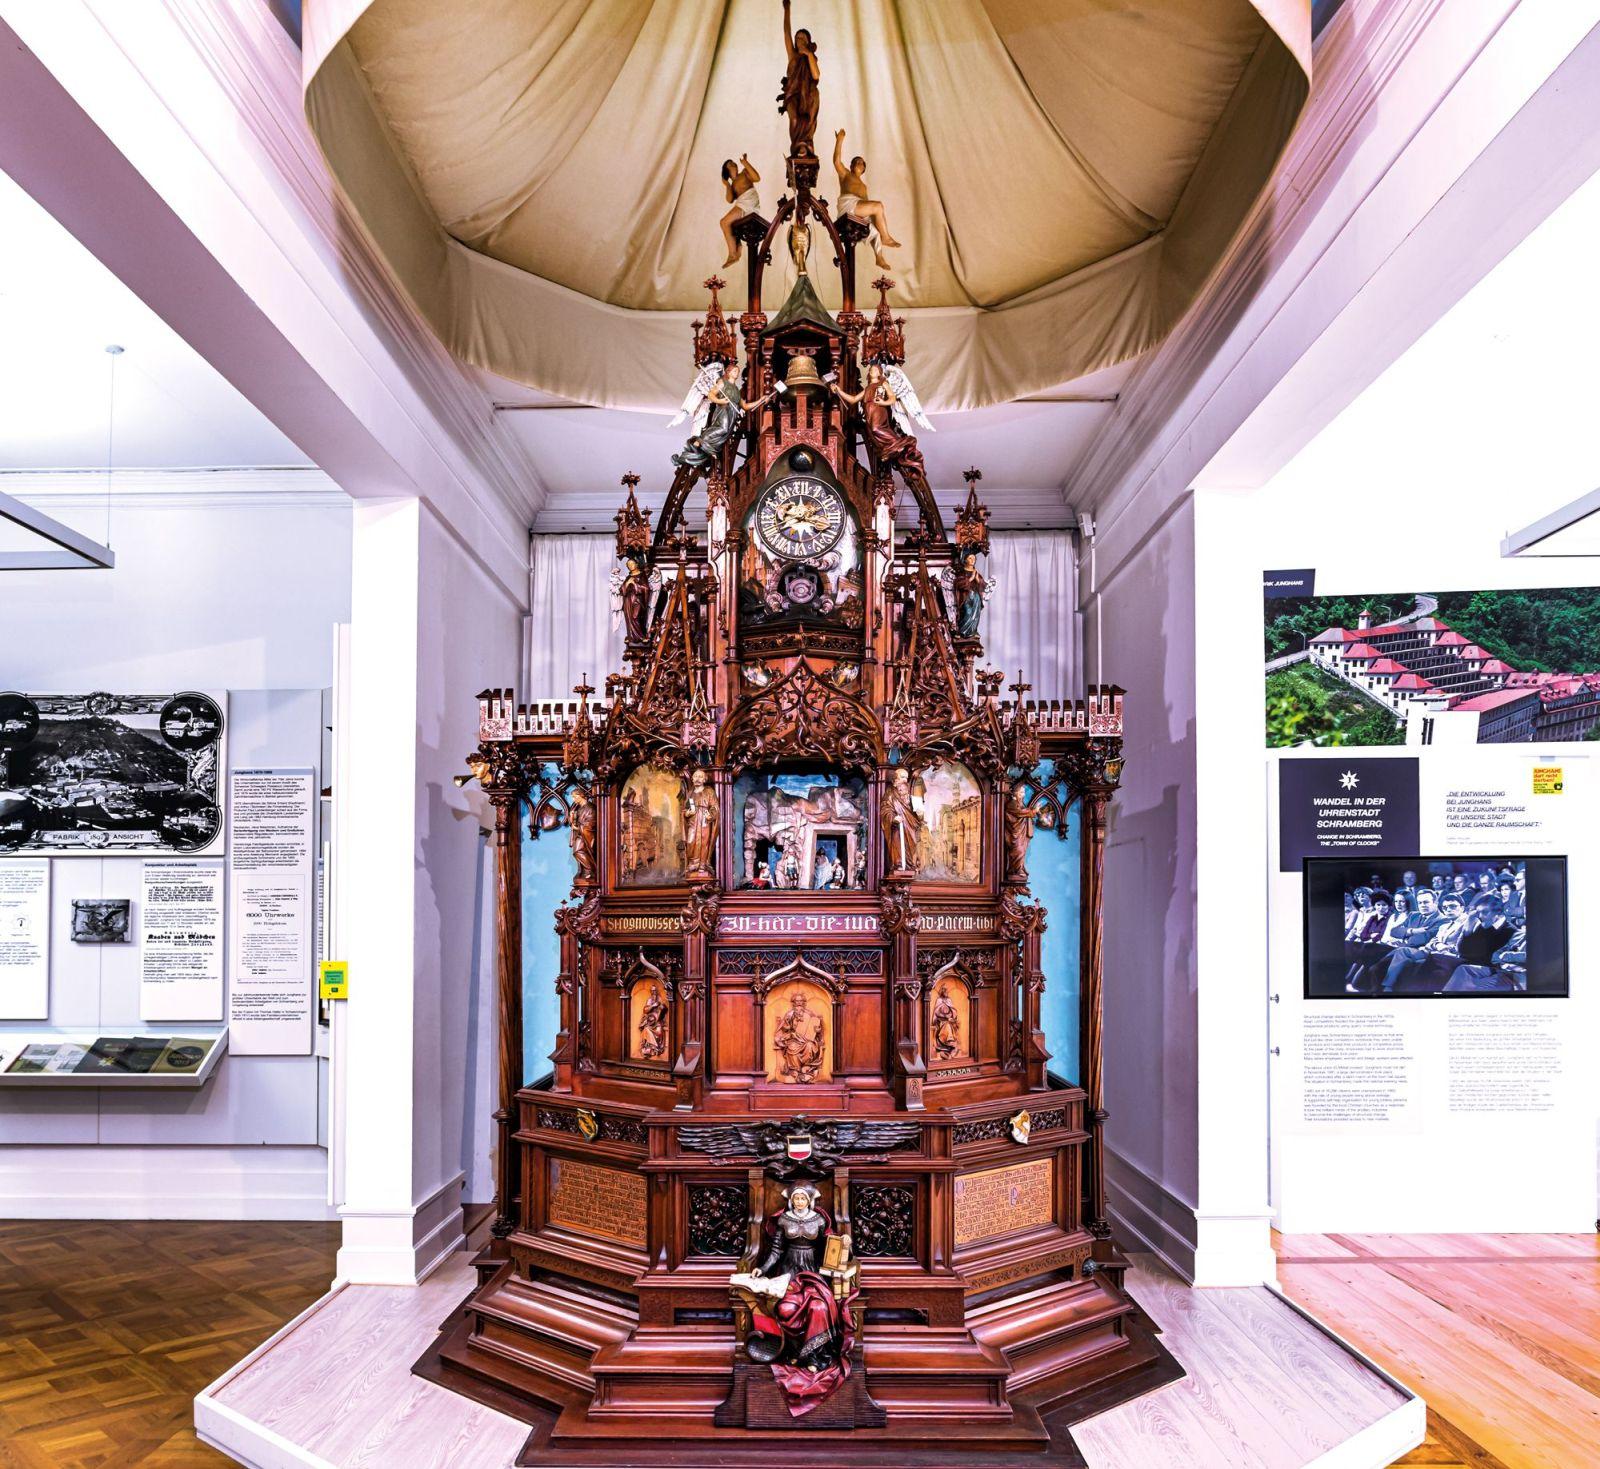 Die Schramberger Kunstuhr im Stadtmuseum. Foto: pm